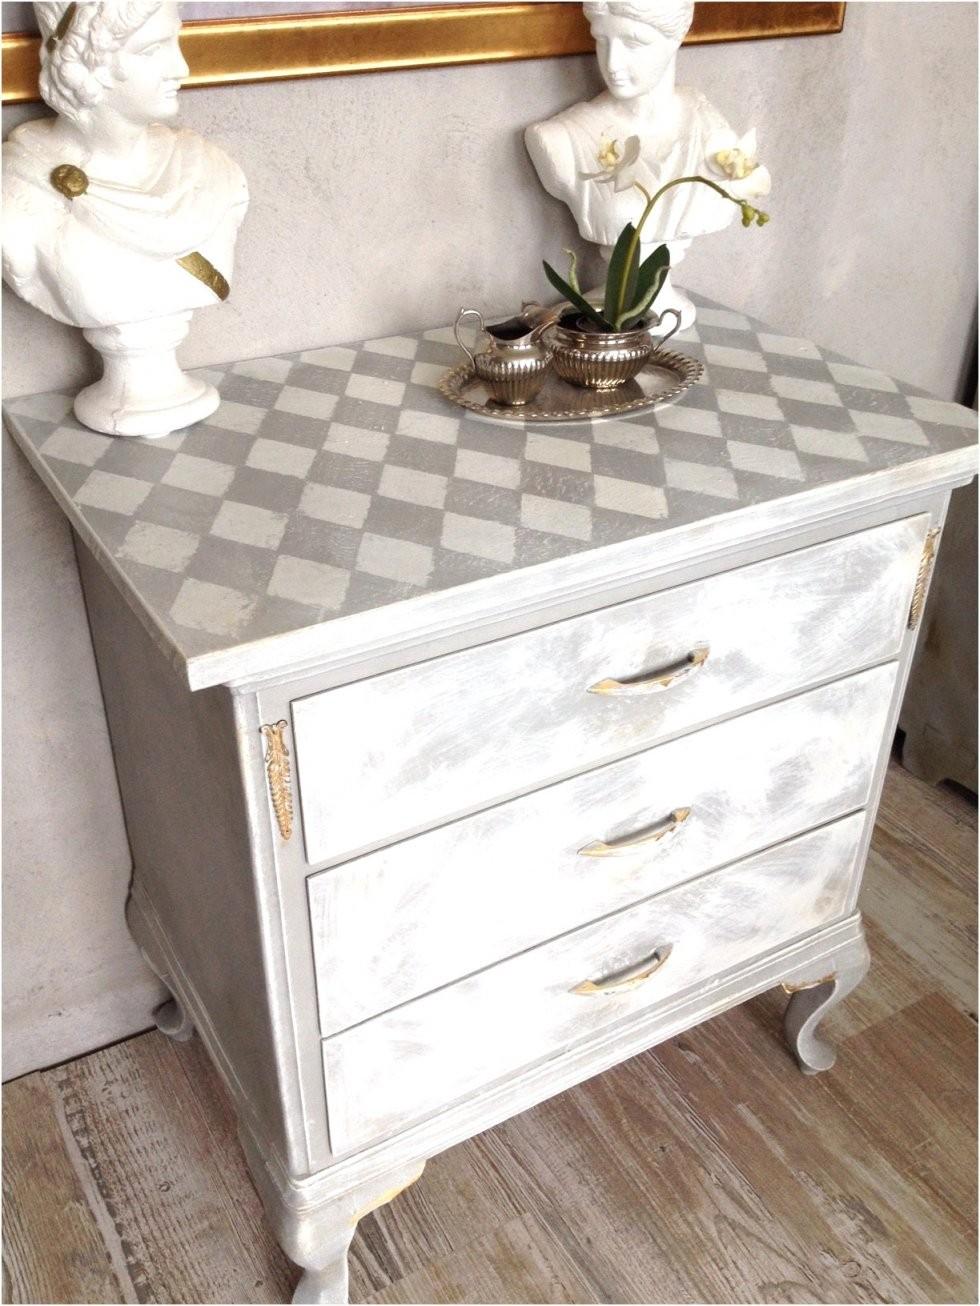 Erstaunlich Vintage Möbel Selber Machen  Haus Dekoideen von Vintage Deko Selber Machen Photo